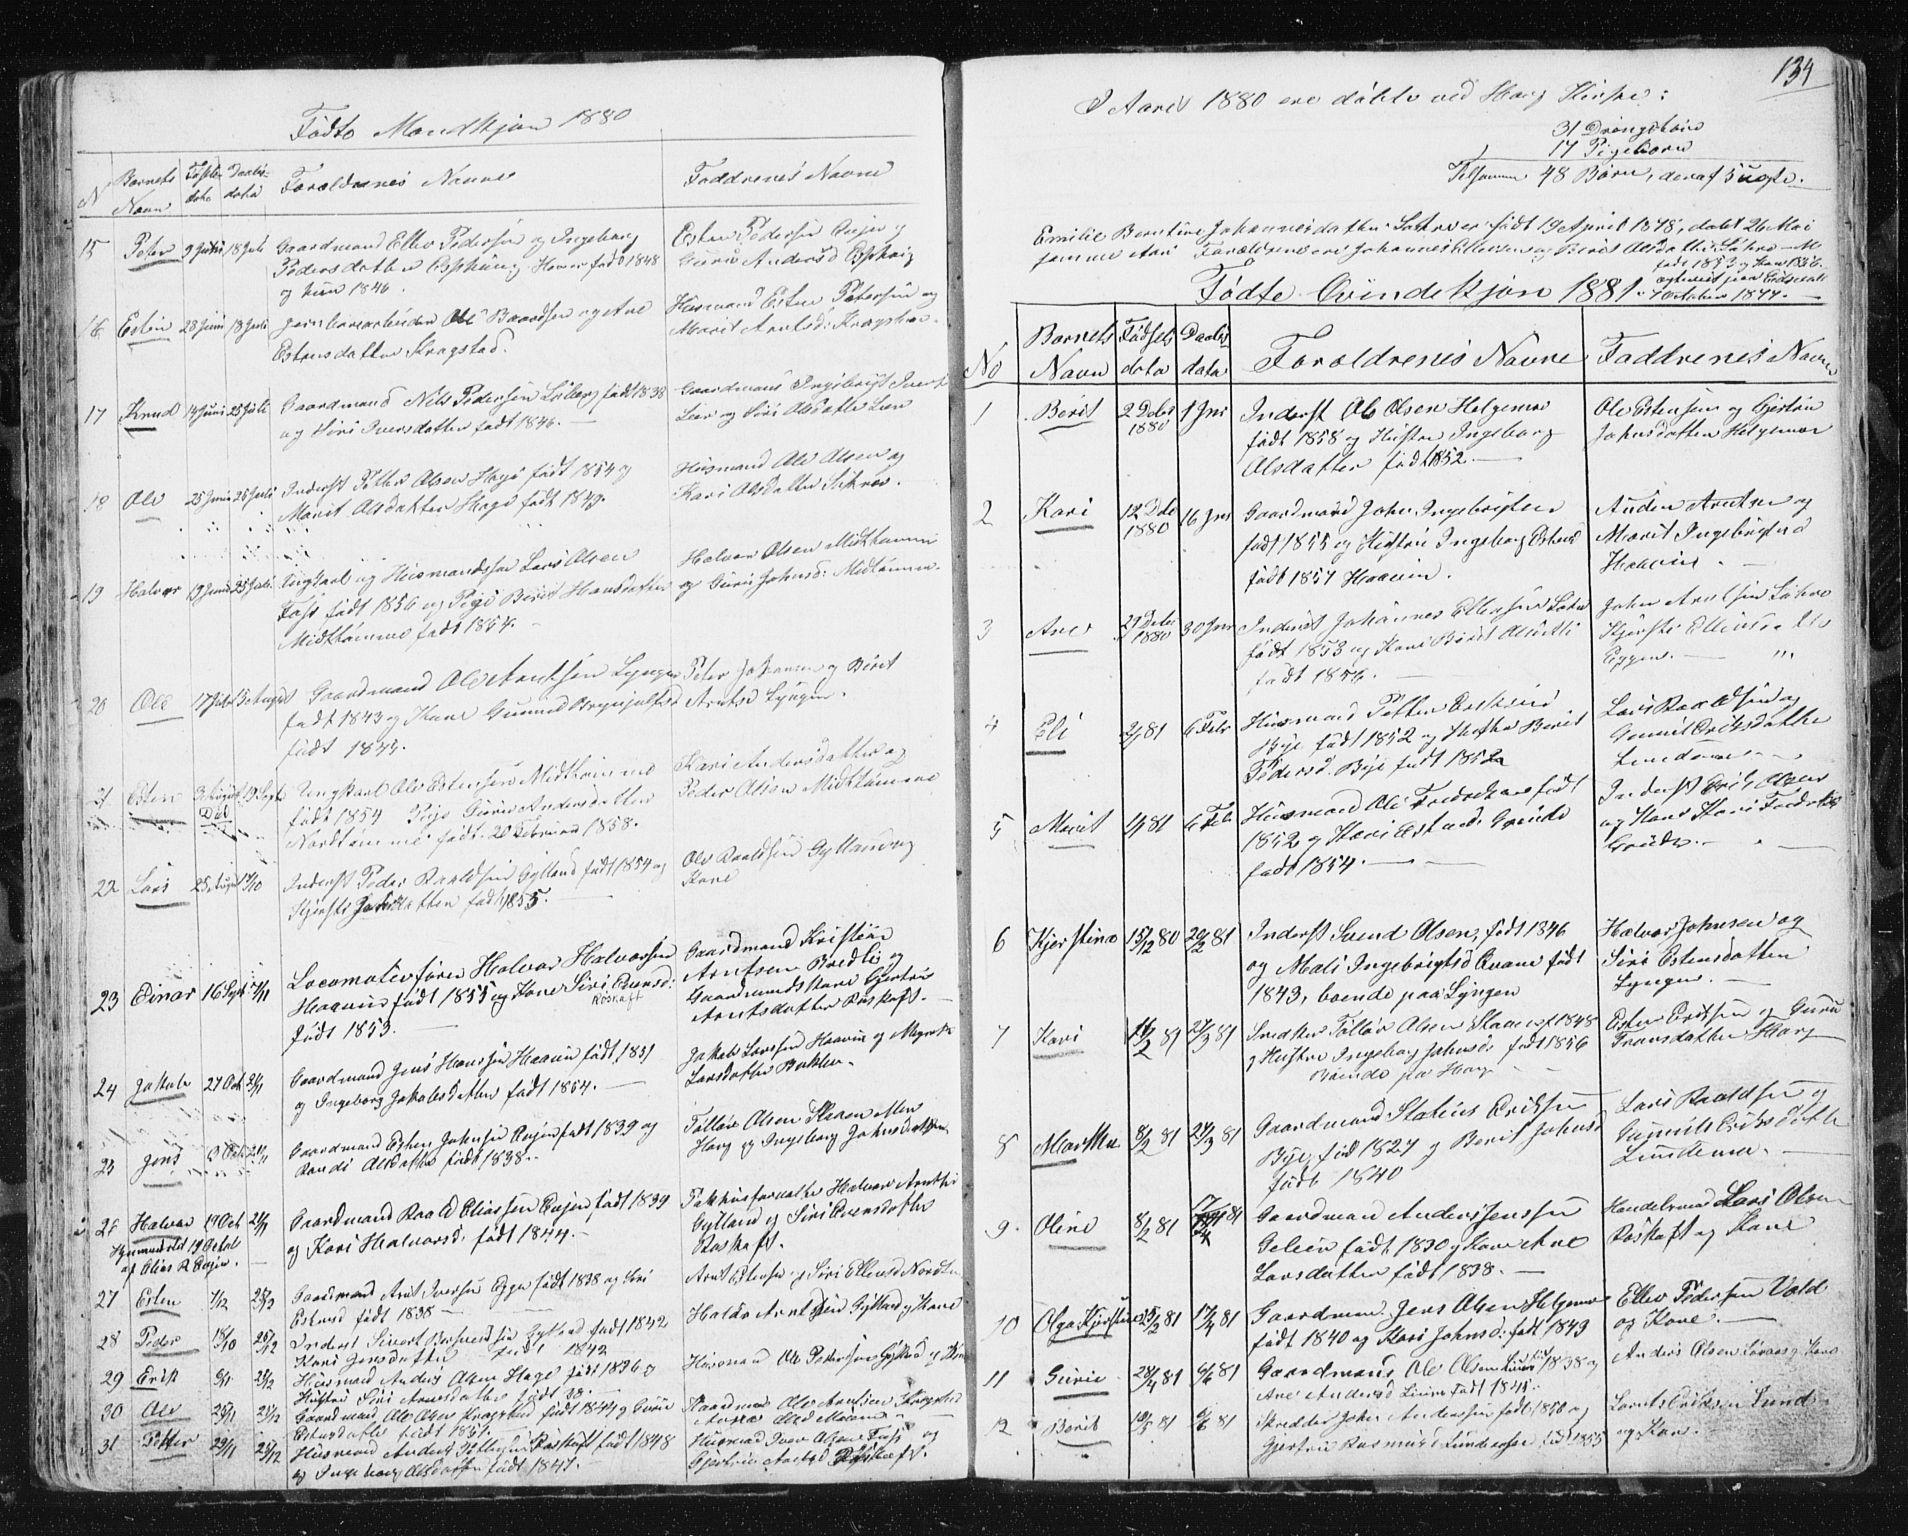 SAT, Ministerialprotokoller, klokkerbøker og fødselsregistre - Sør-Trøndelag, 692/L1110: Klokkerbok nr. 692C05, 1849-1889, s. 134